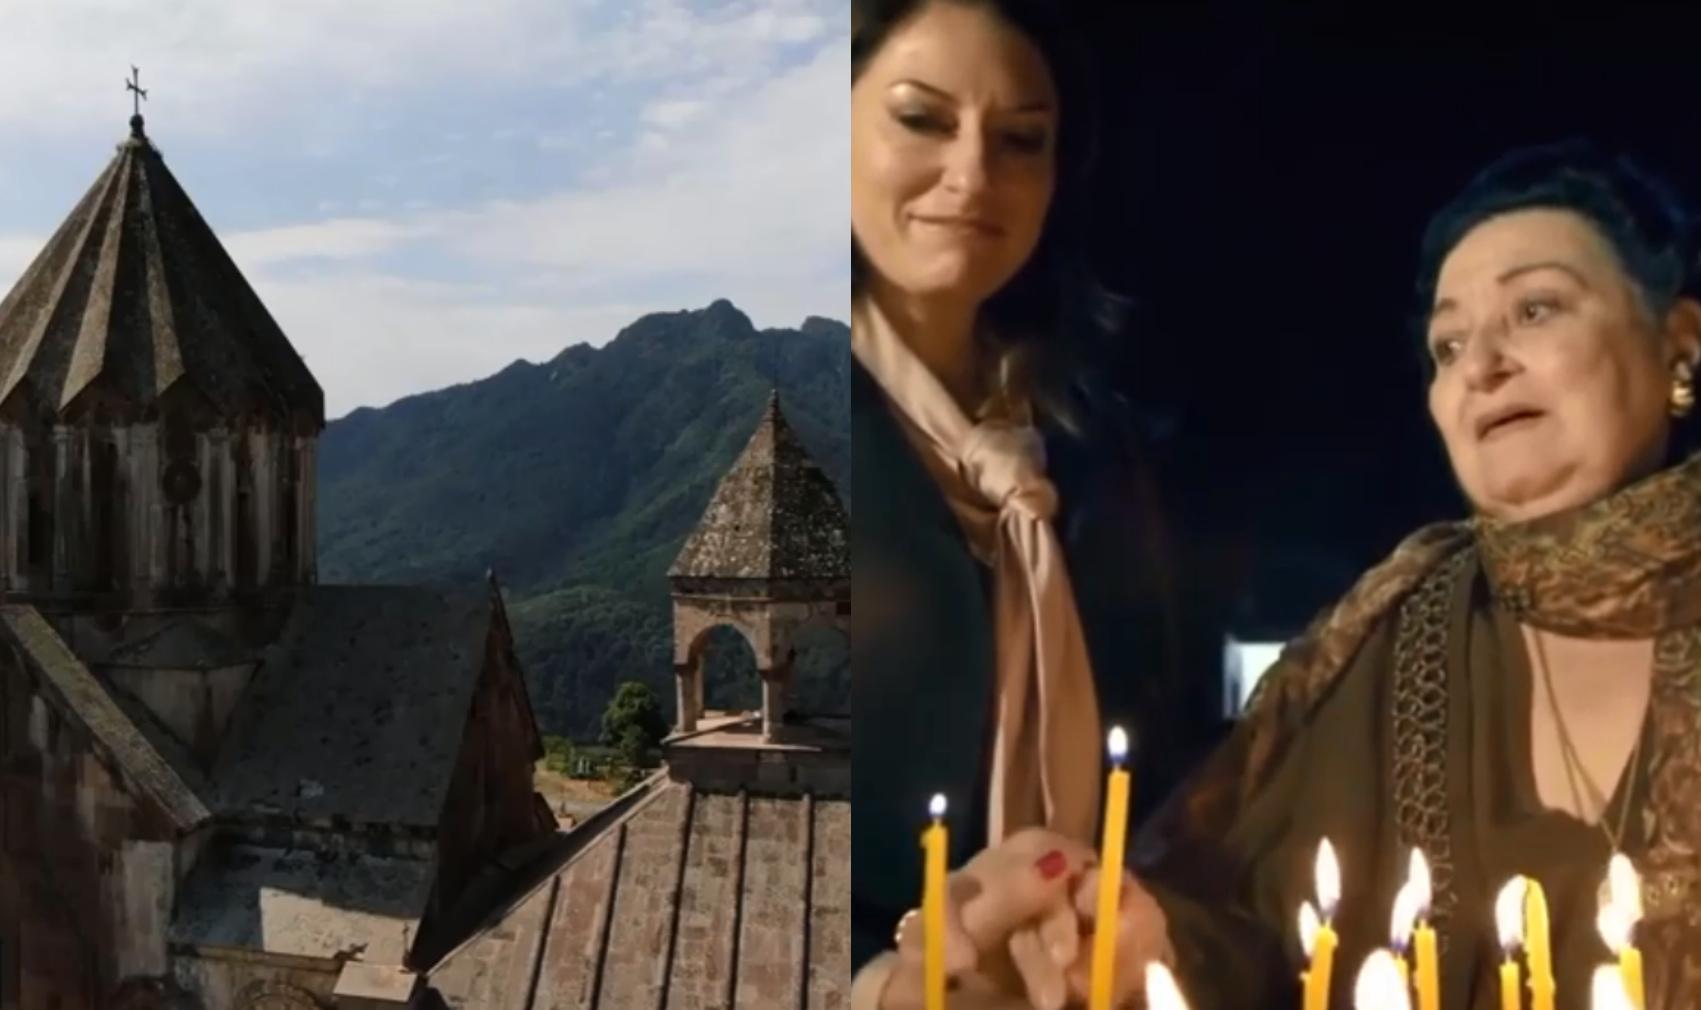 Photo of Монтсеррат Кабалье заклинала оставить ее  одну перед величием и духовностью Гандзасара.